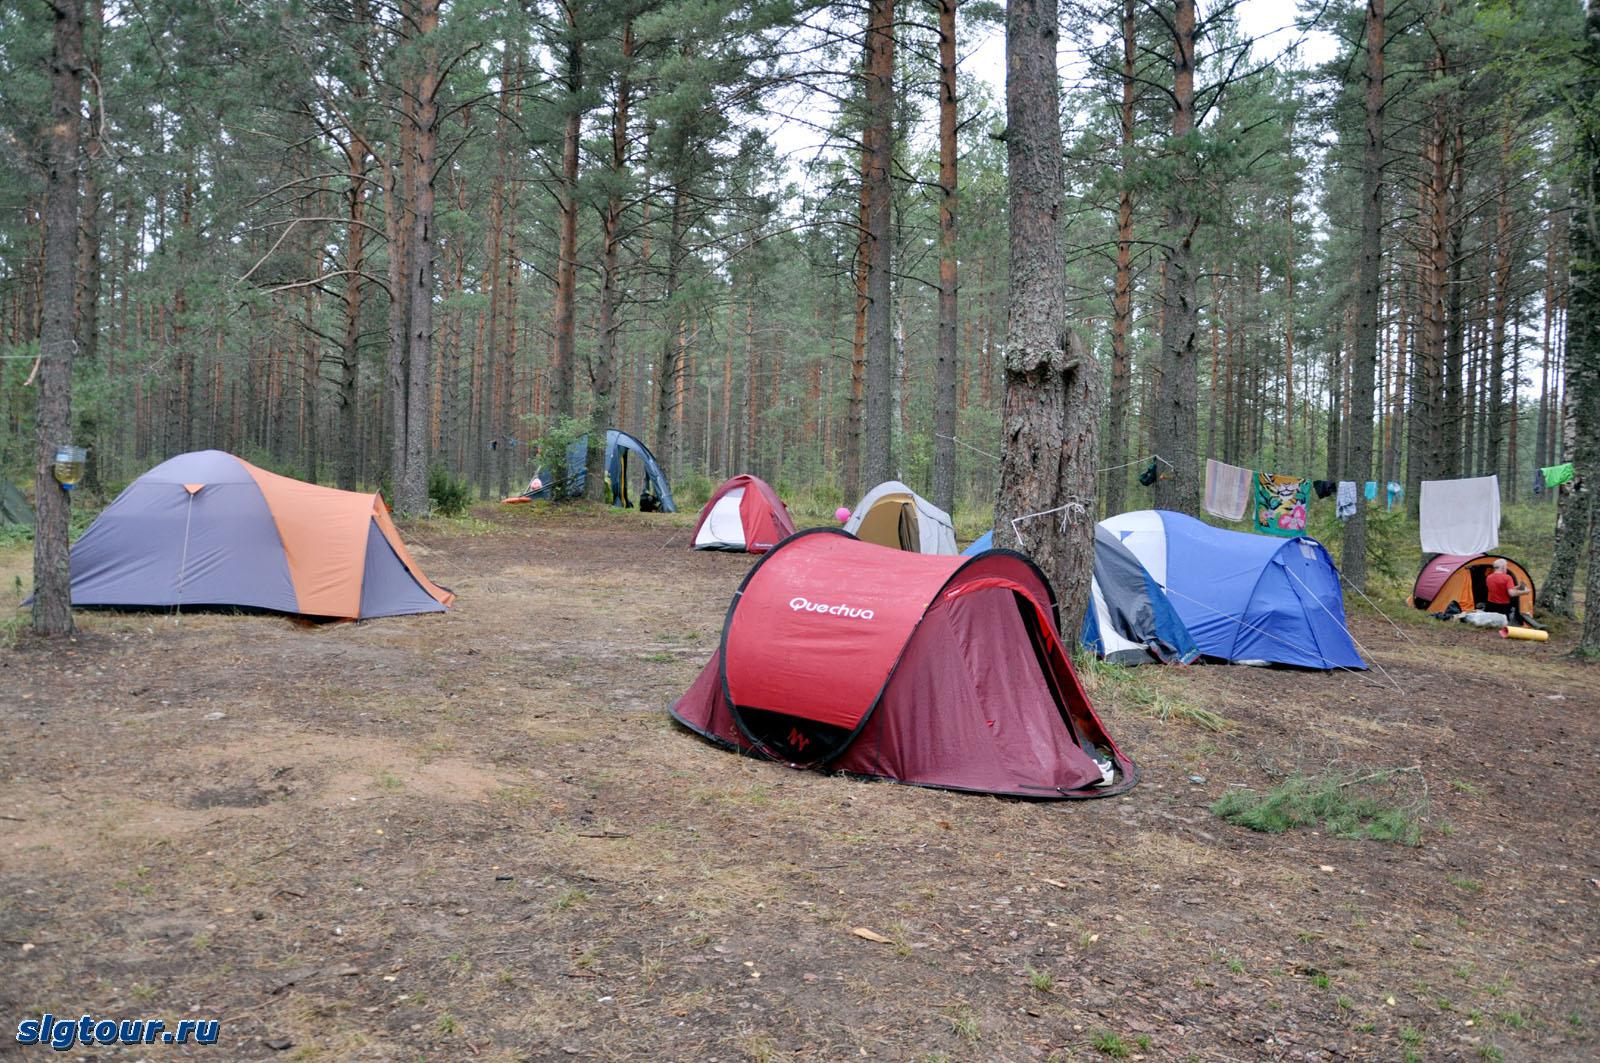 На чем лучше спать в палатке чтобы было тепло